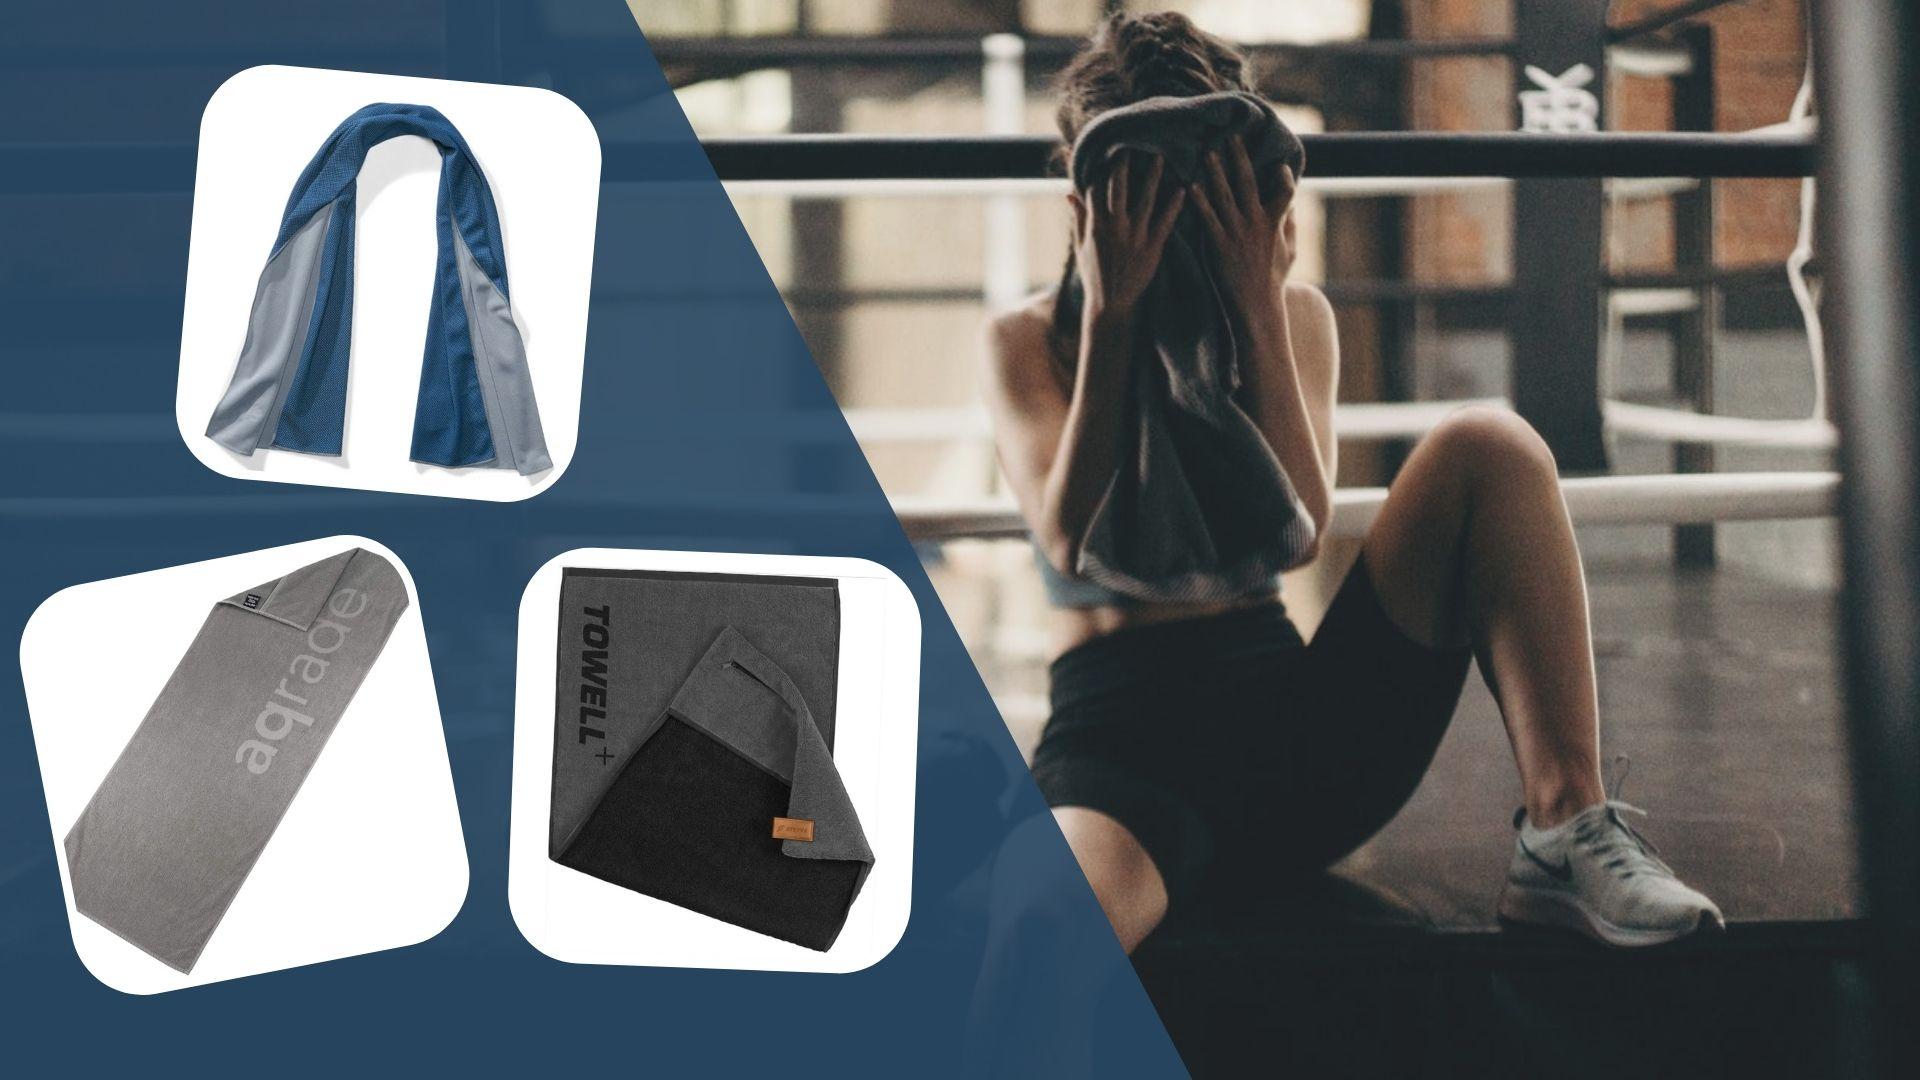 Fitness-Handtuch-Vergleich: Die besten Modelle